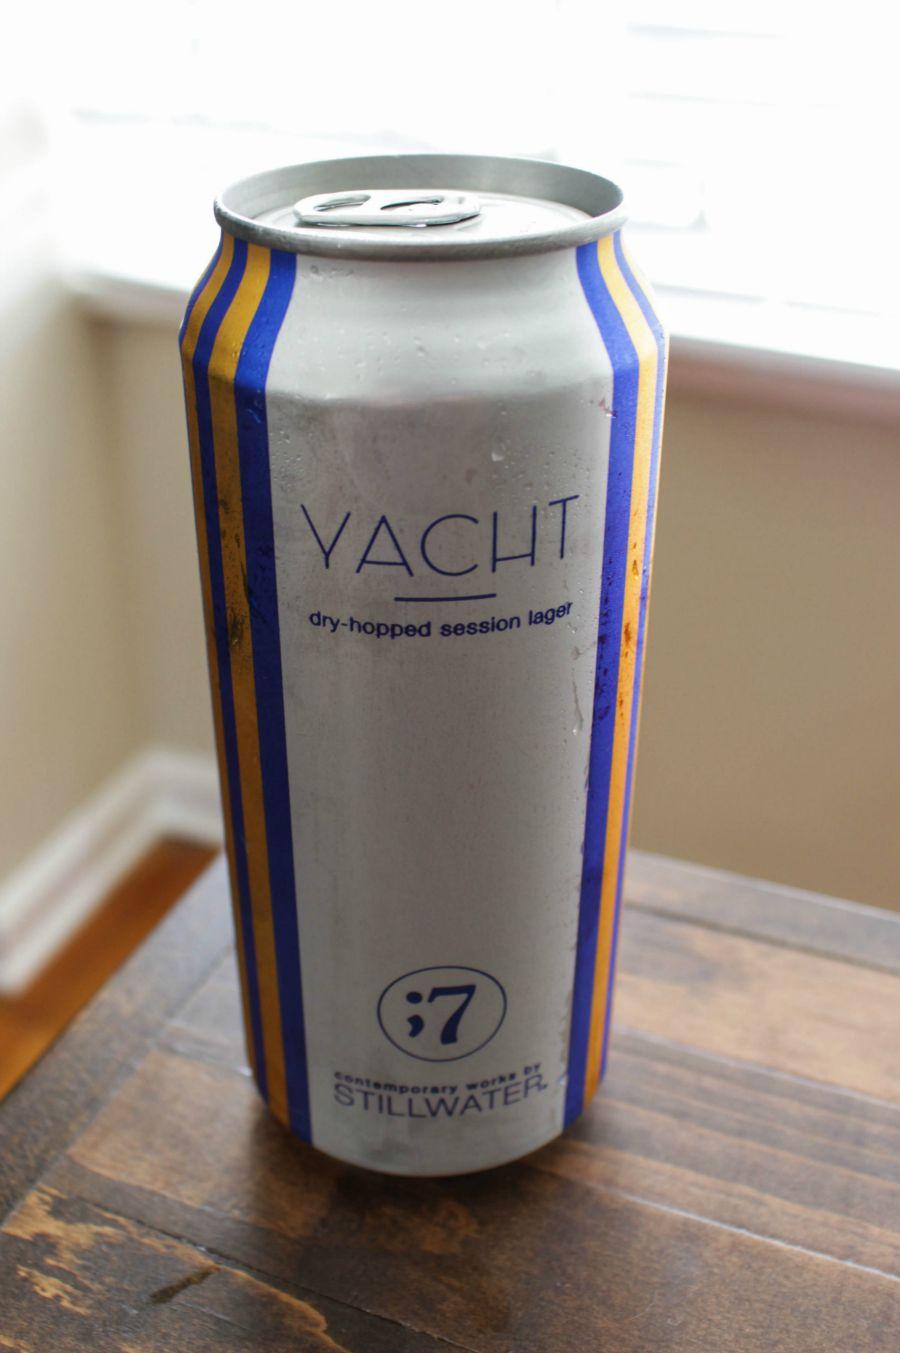 Stillwater Yacht Lager